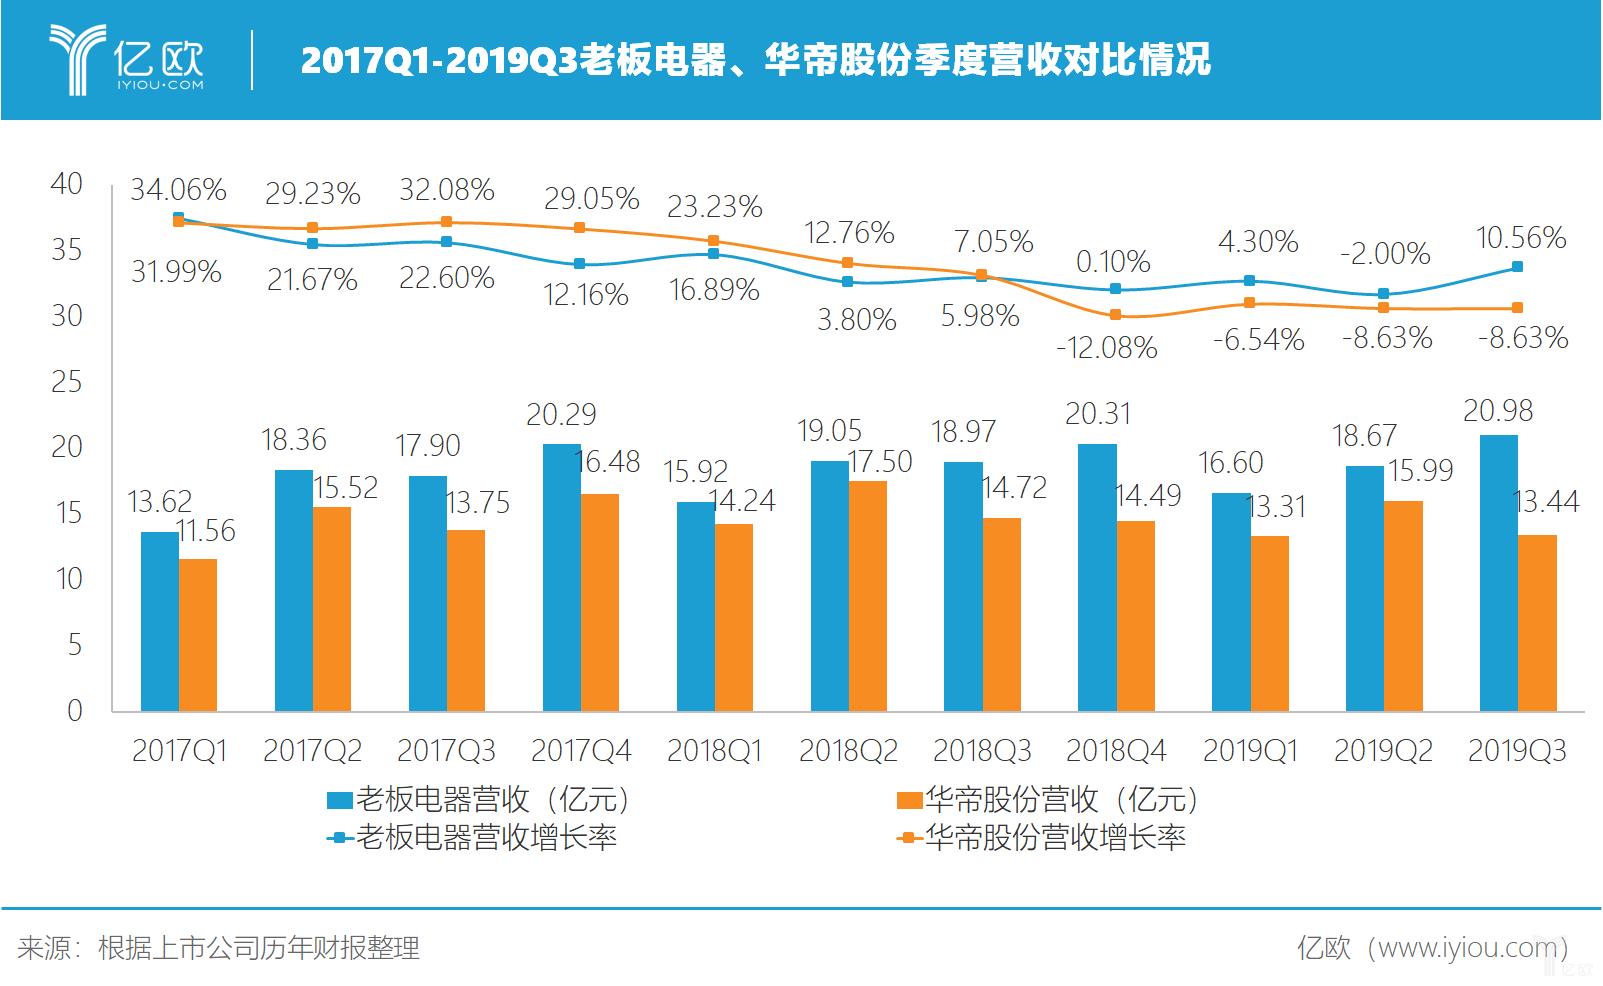 2017Q1-2019Q3老板电器、华帝股份季度营收对比情况